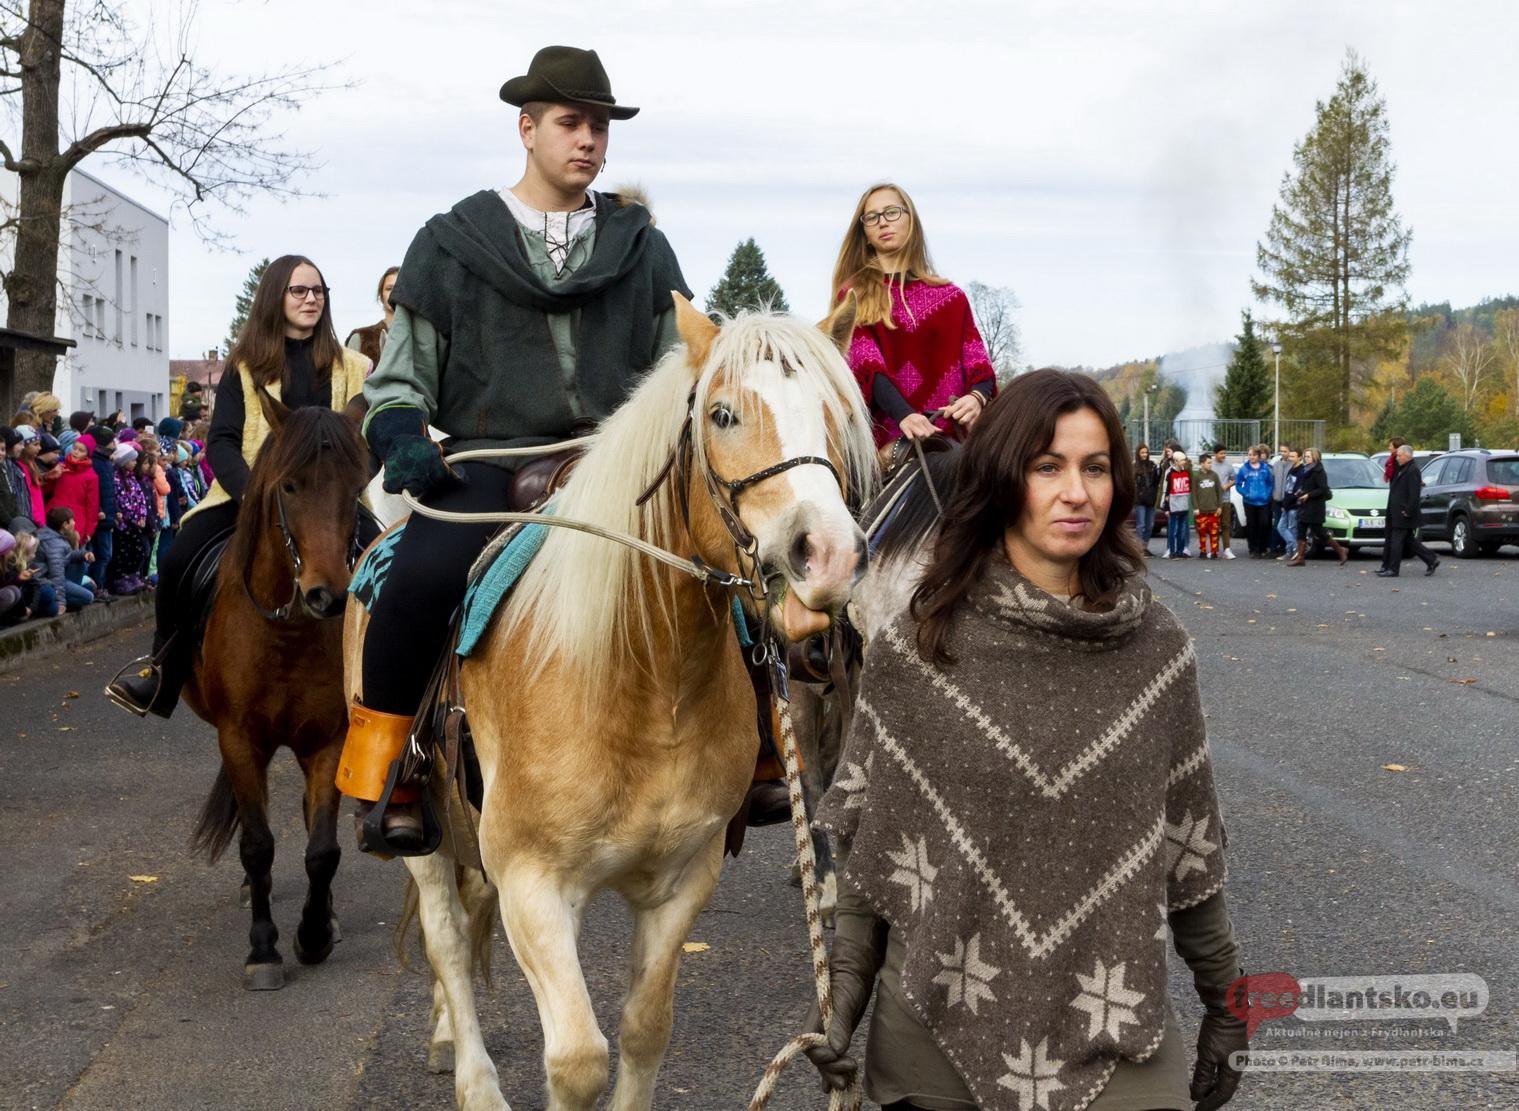 Tradiční Svatohubertské slavnosti v Hejnicích 2018